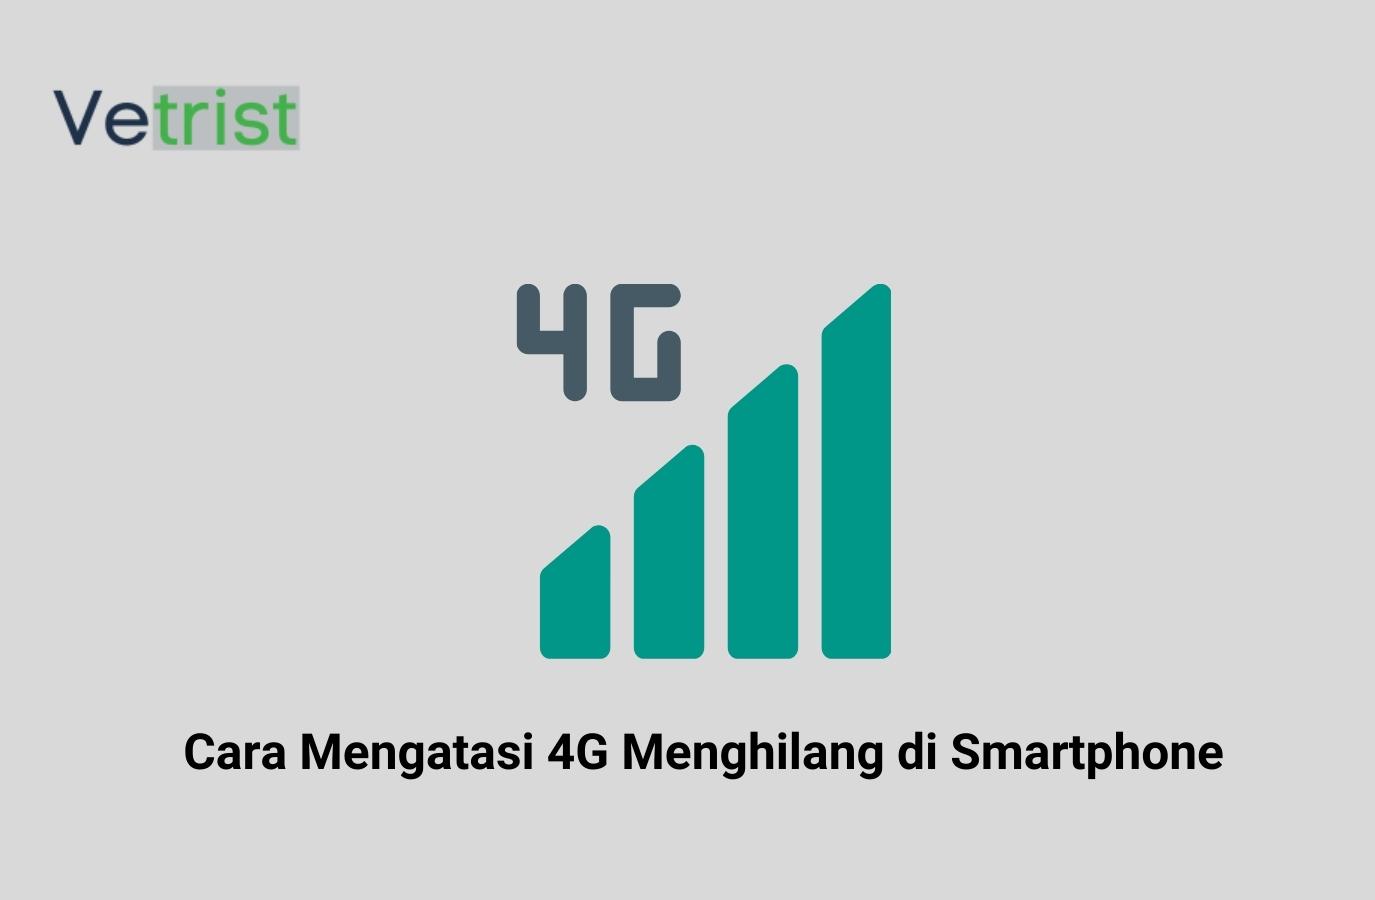 Cara Mengatasi 4G Menghilang di Smartphone